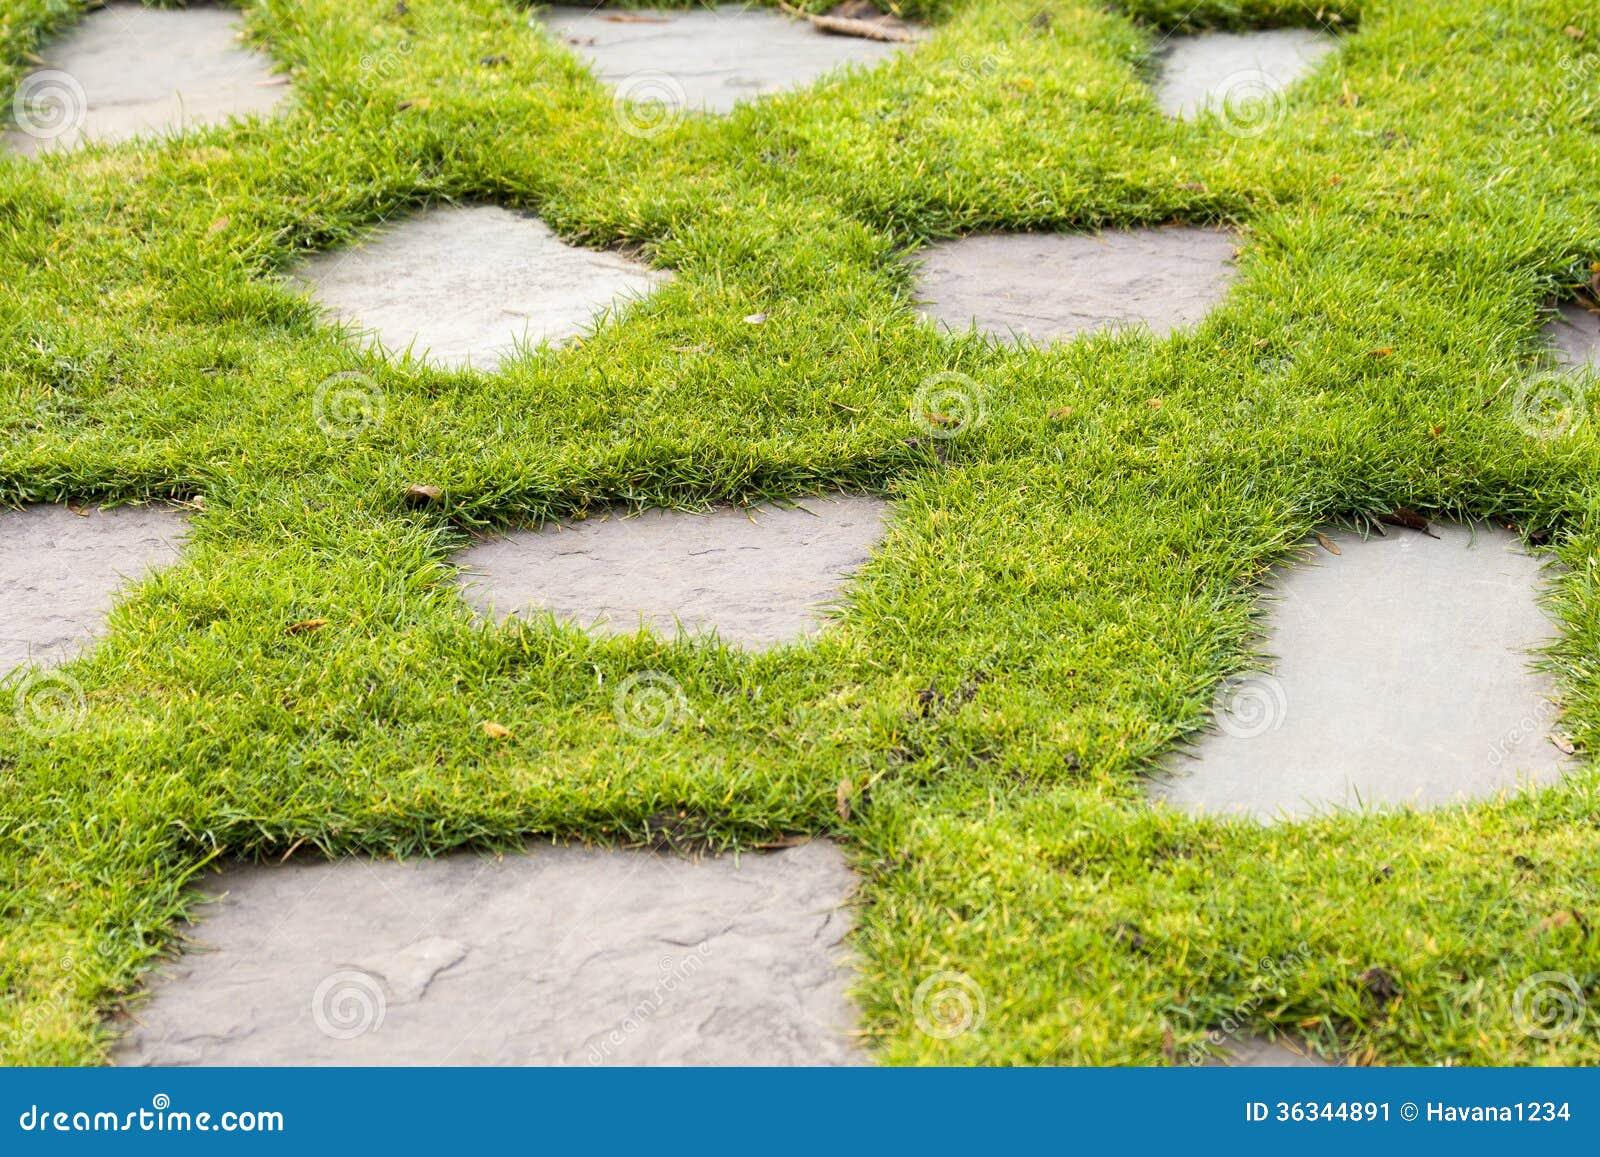 Un Chemin En Pierre Dans Le Jardin De Parc D 39 Herbe Verte